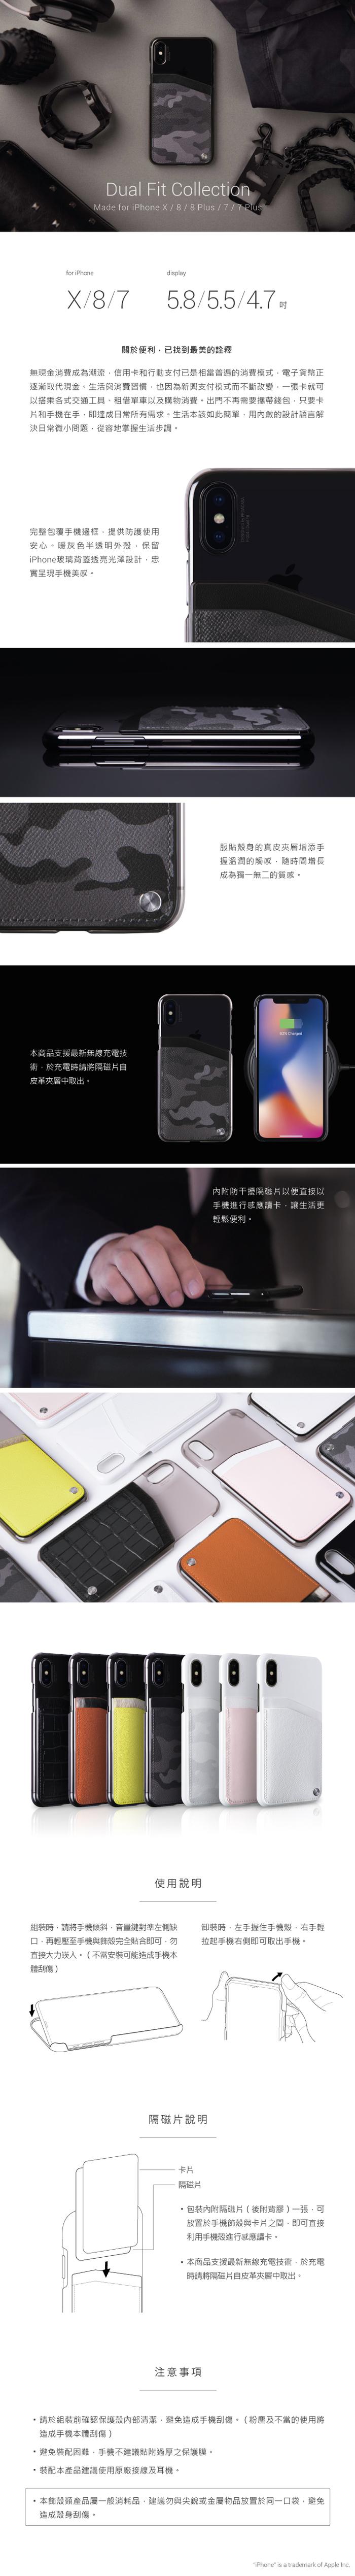 (複製)PEGACASA iPhone X 手機殼-乳牛毛系列